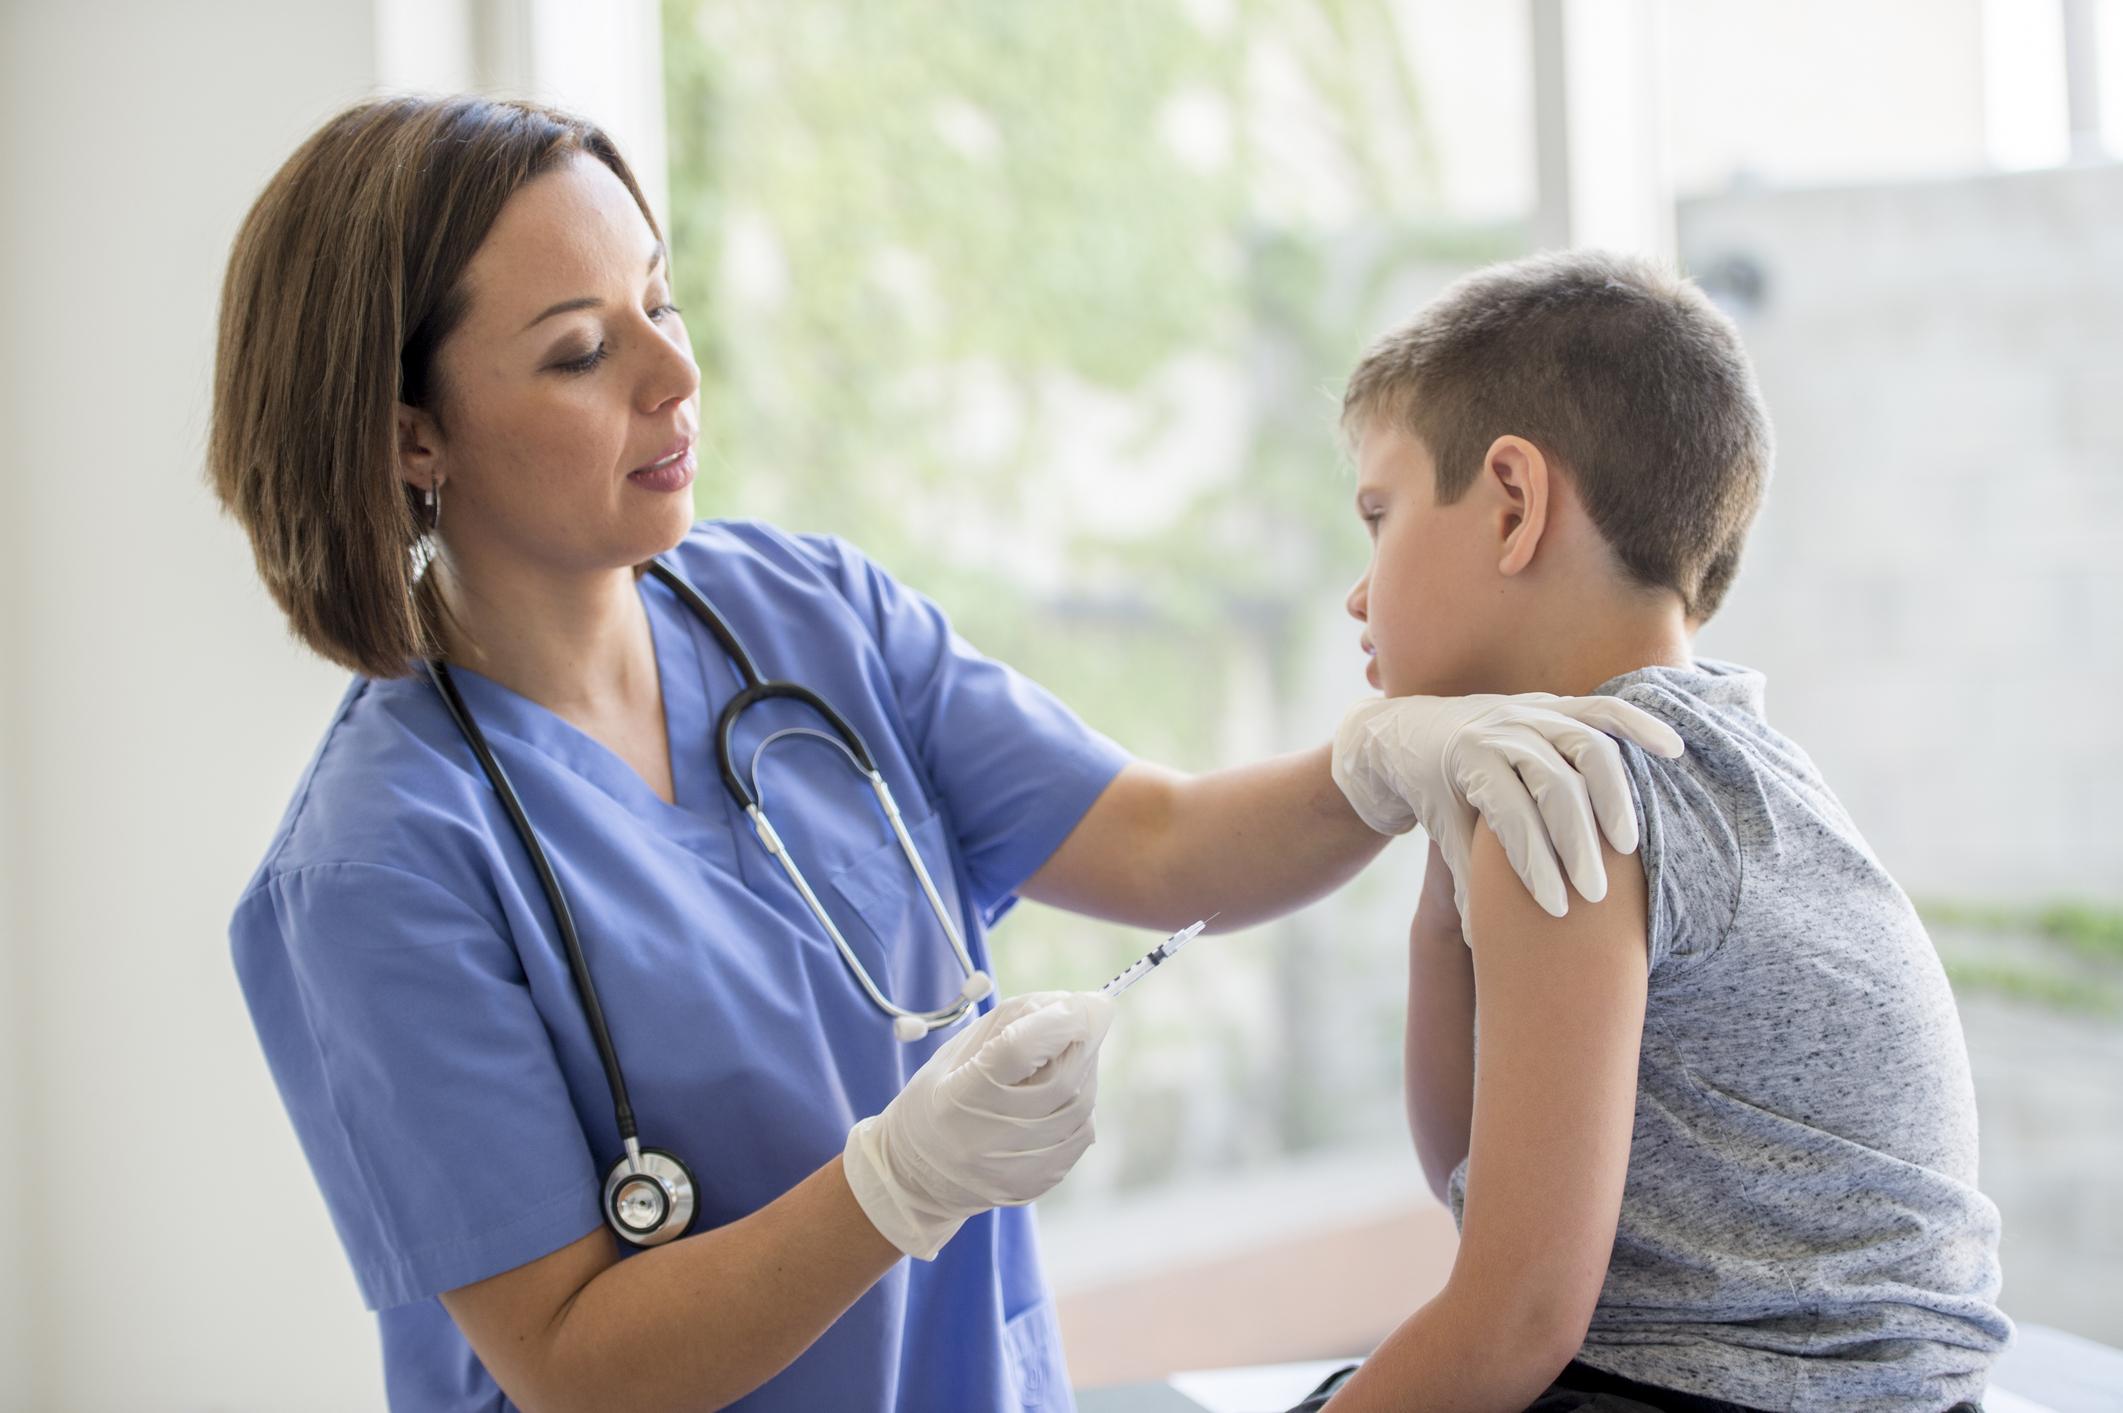 hpv inenting mannen)